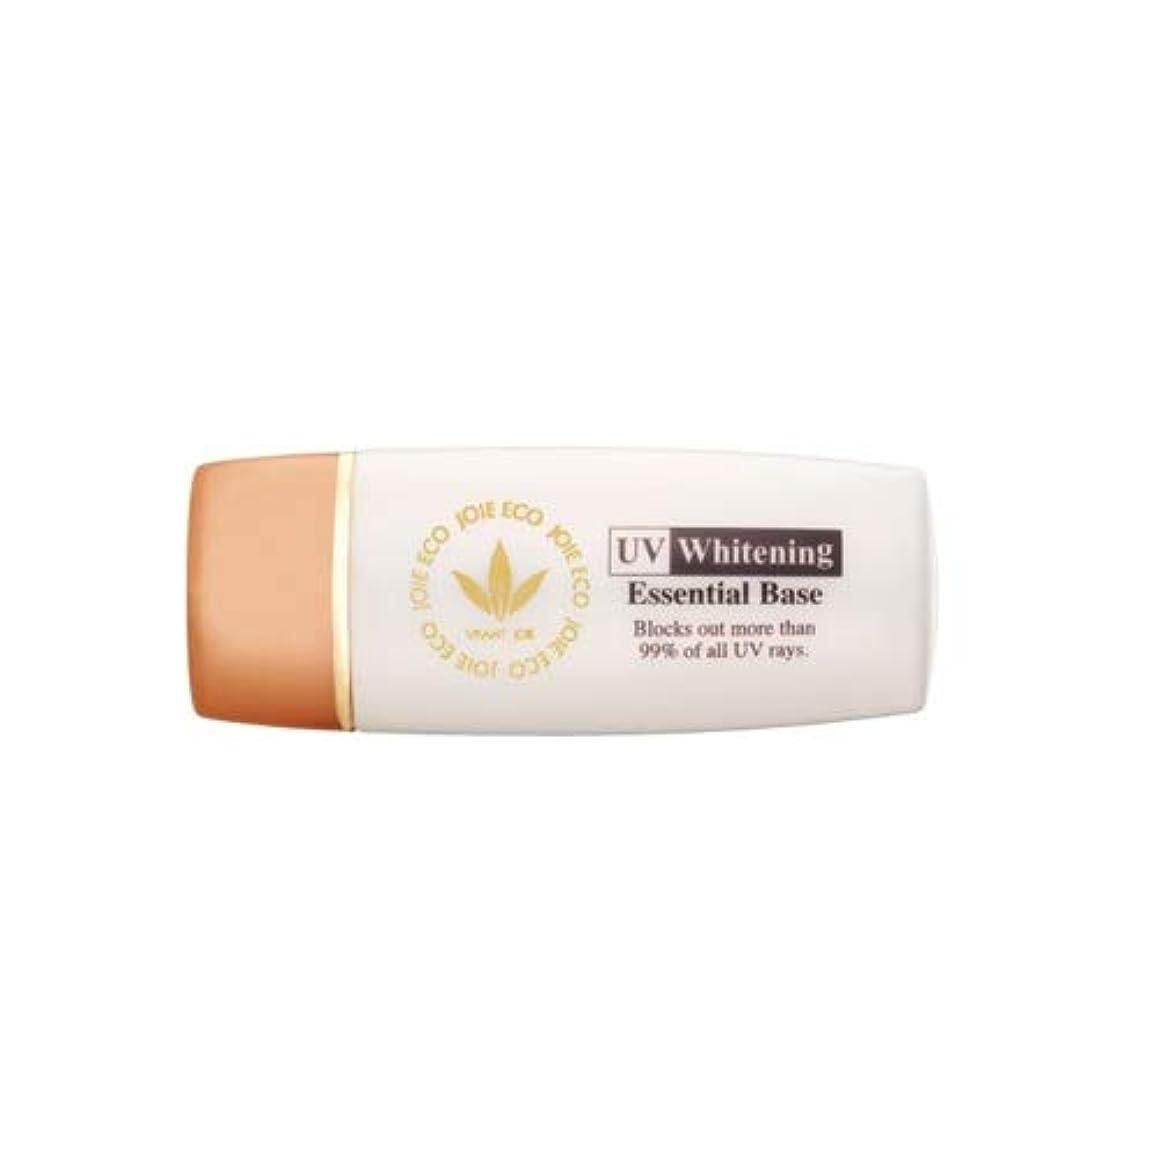 ビーバンジョア VIVANTJOIE 「薬用UV美白エッセンシャルベース」 12ml 470AC